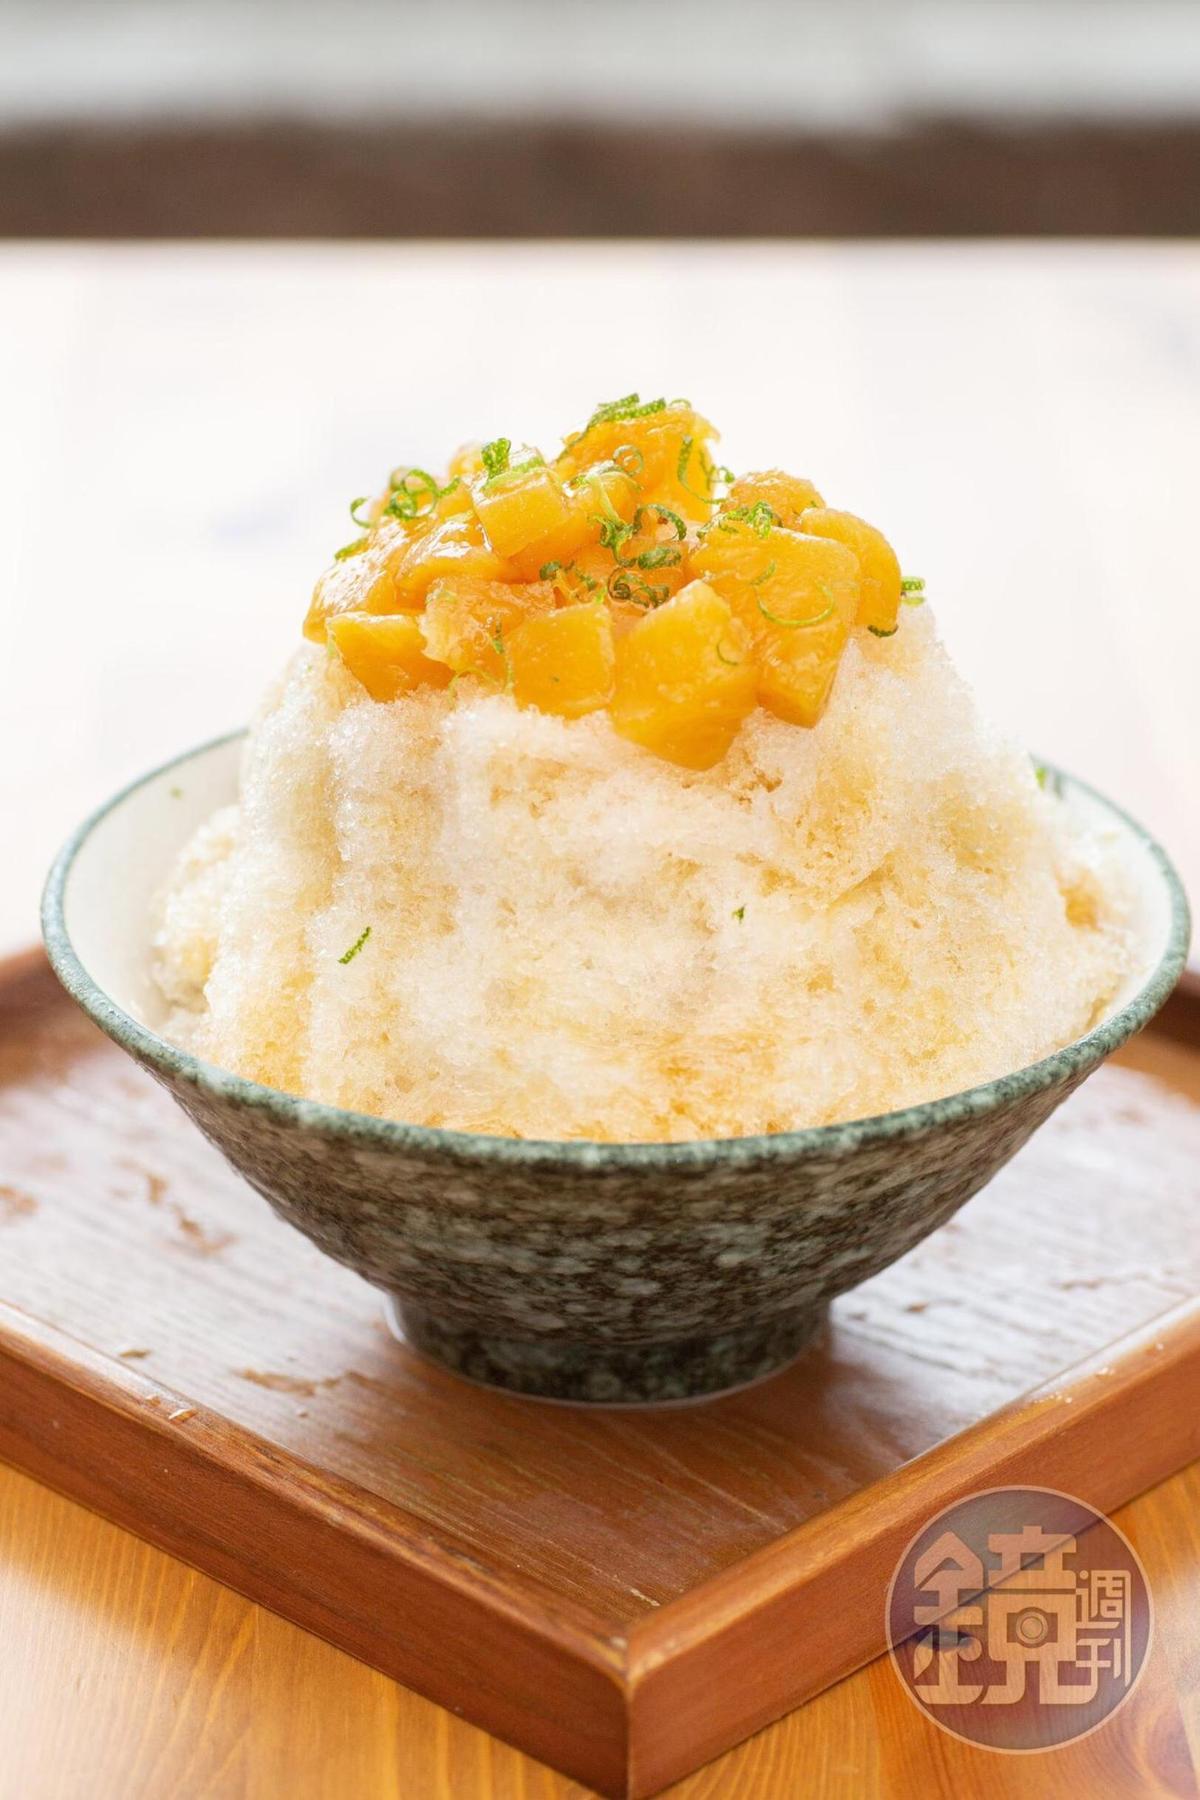 使用自釀的鳳梨鋪在冰上的「鳳梨冰」,酸甜美味,這兒的冰也磨得較他處更細,一入口就融化了。(95元/份)